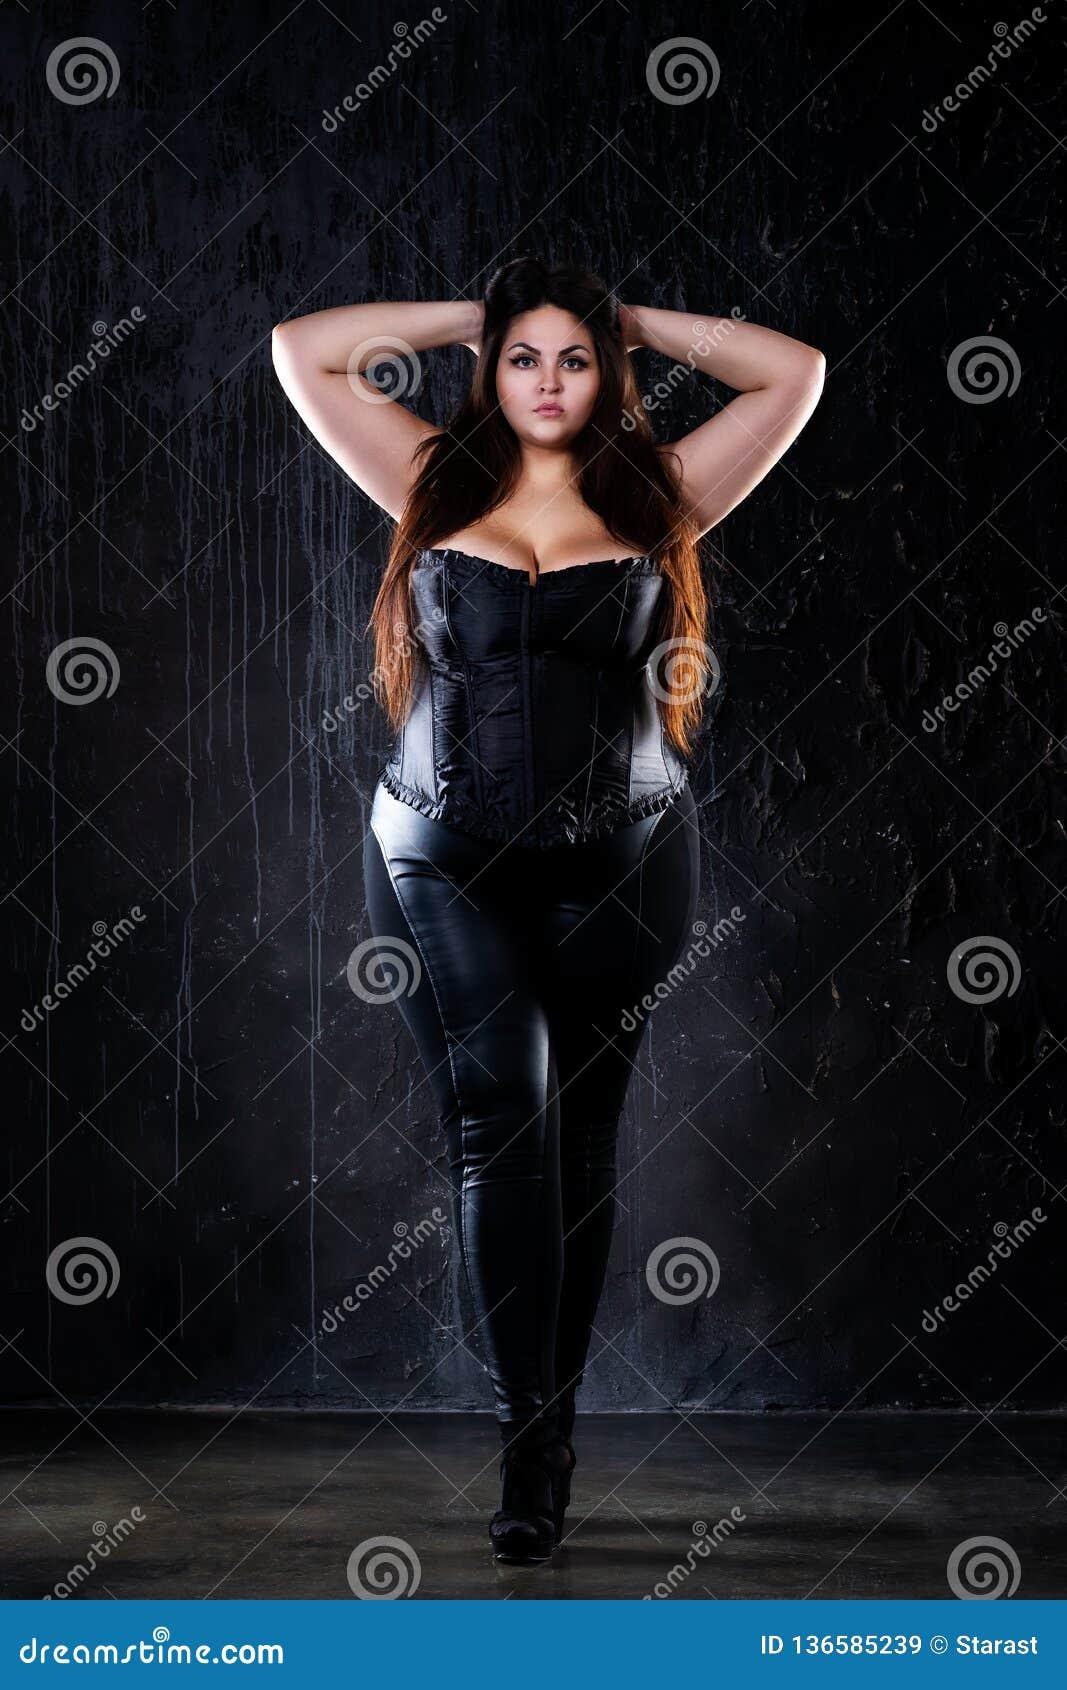 Plus formatmodemodell i sexig kläder fet kvinna på svart bakgrund, överviktig kvinnlig kropp